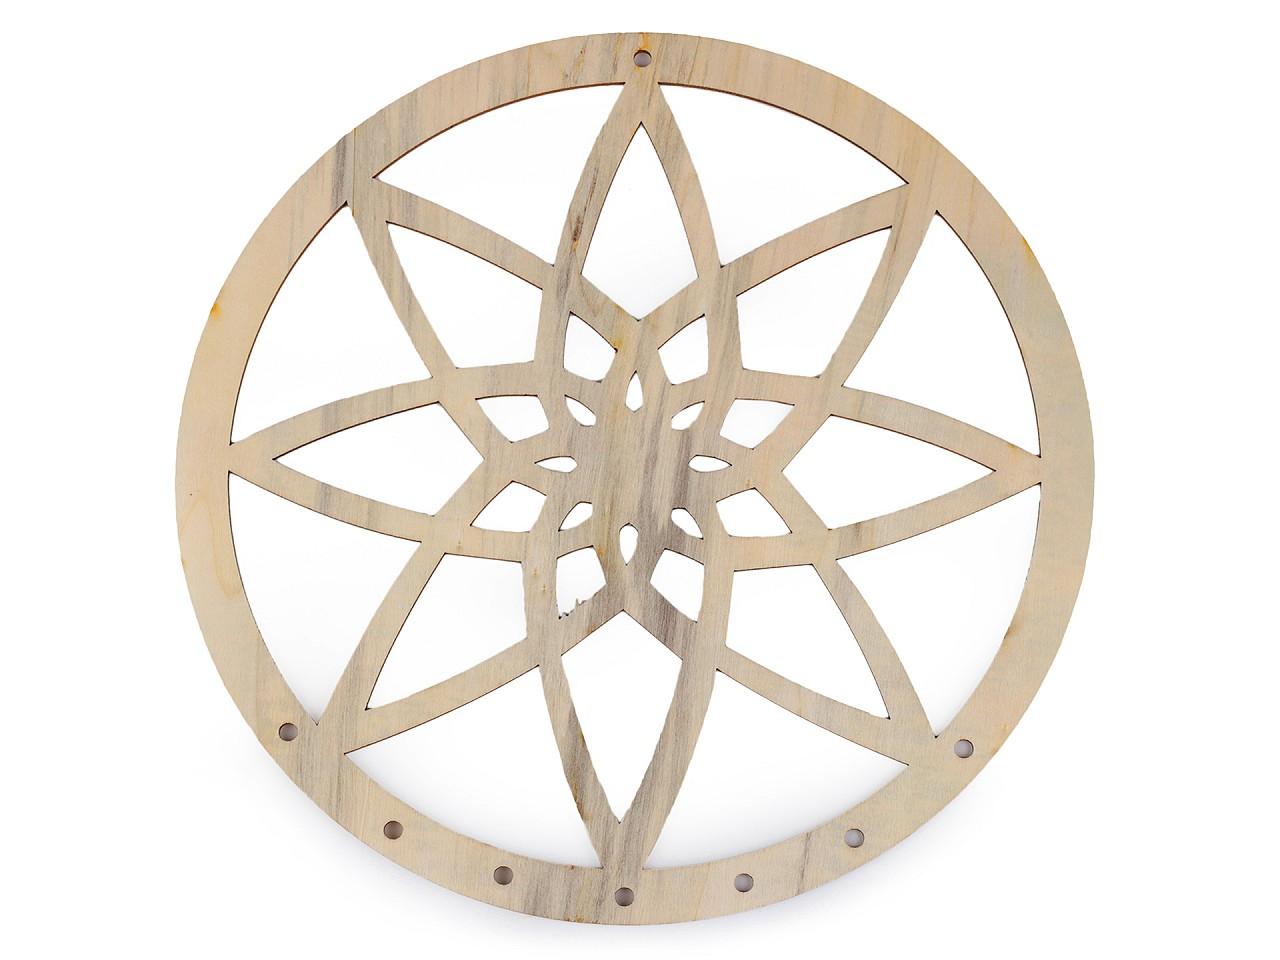 Dřevěný kruh na lapač snů mandala k domalování Ø25 cm 2. jakost 1 ks